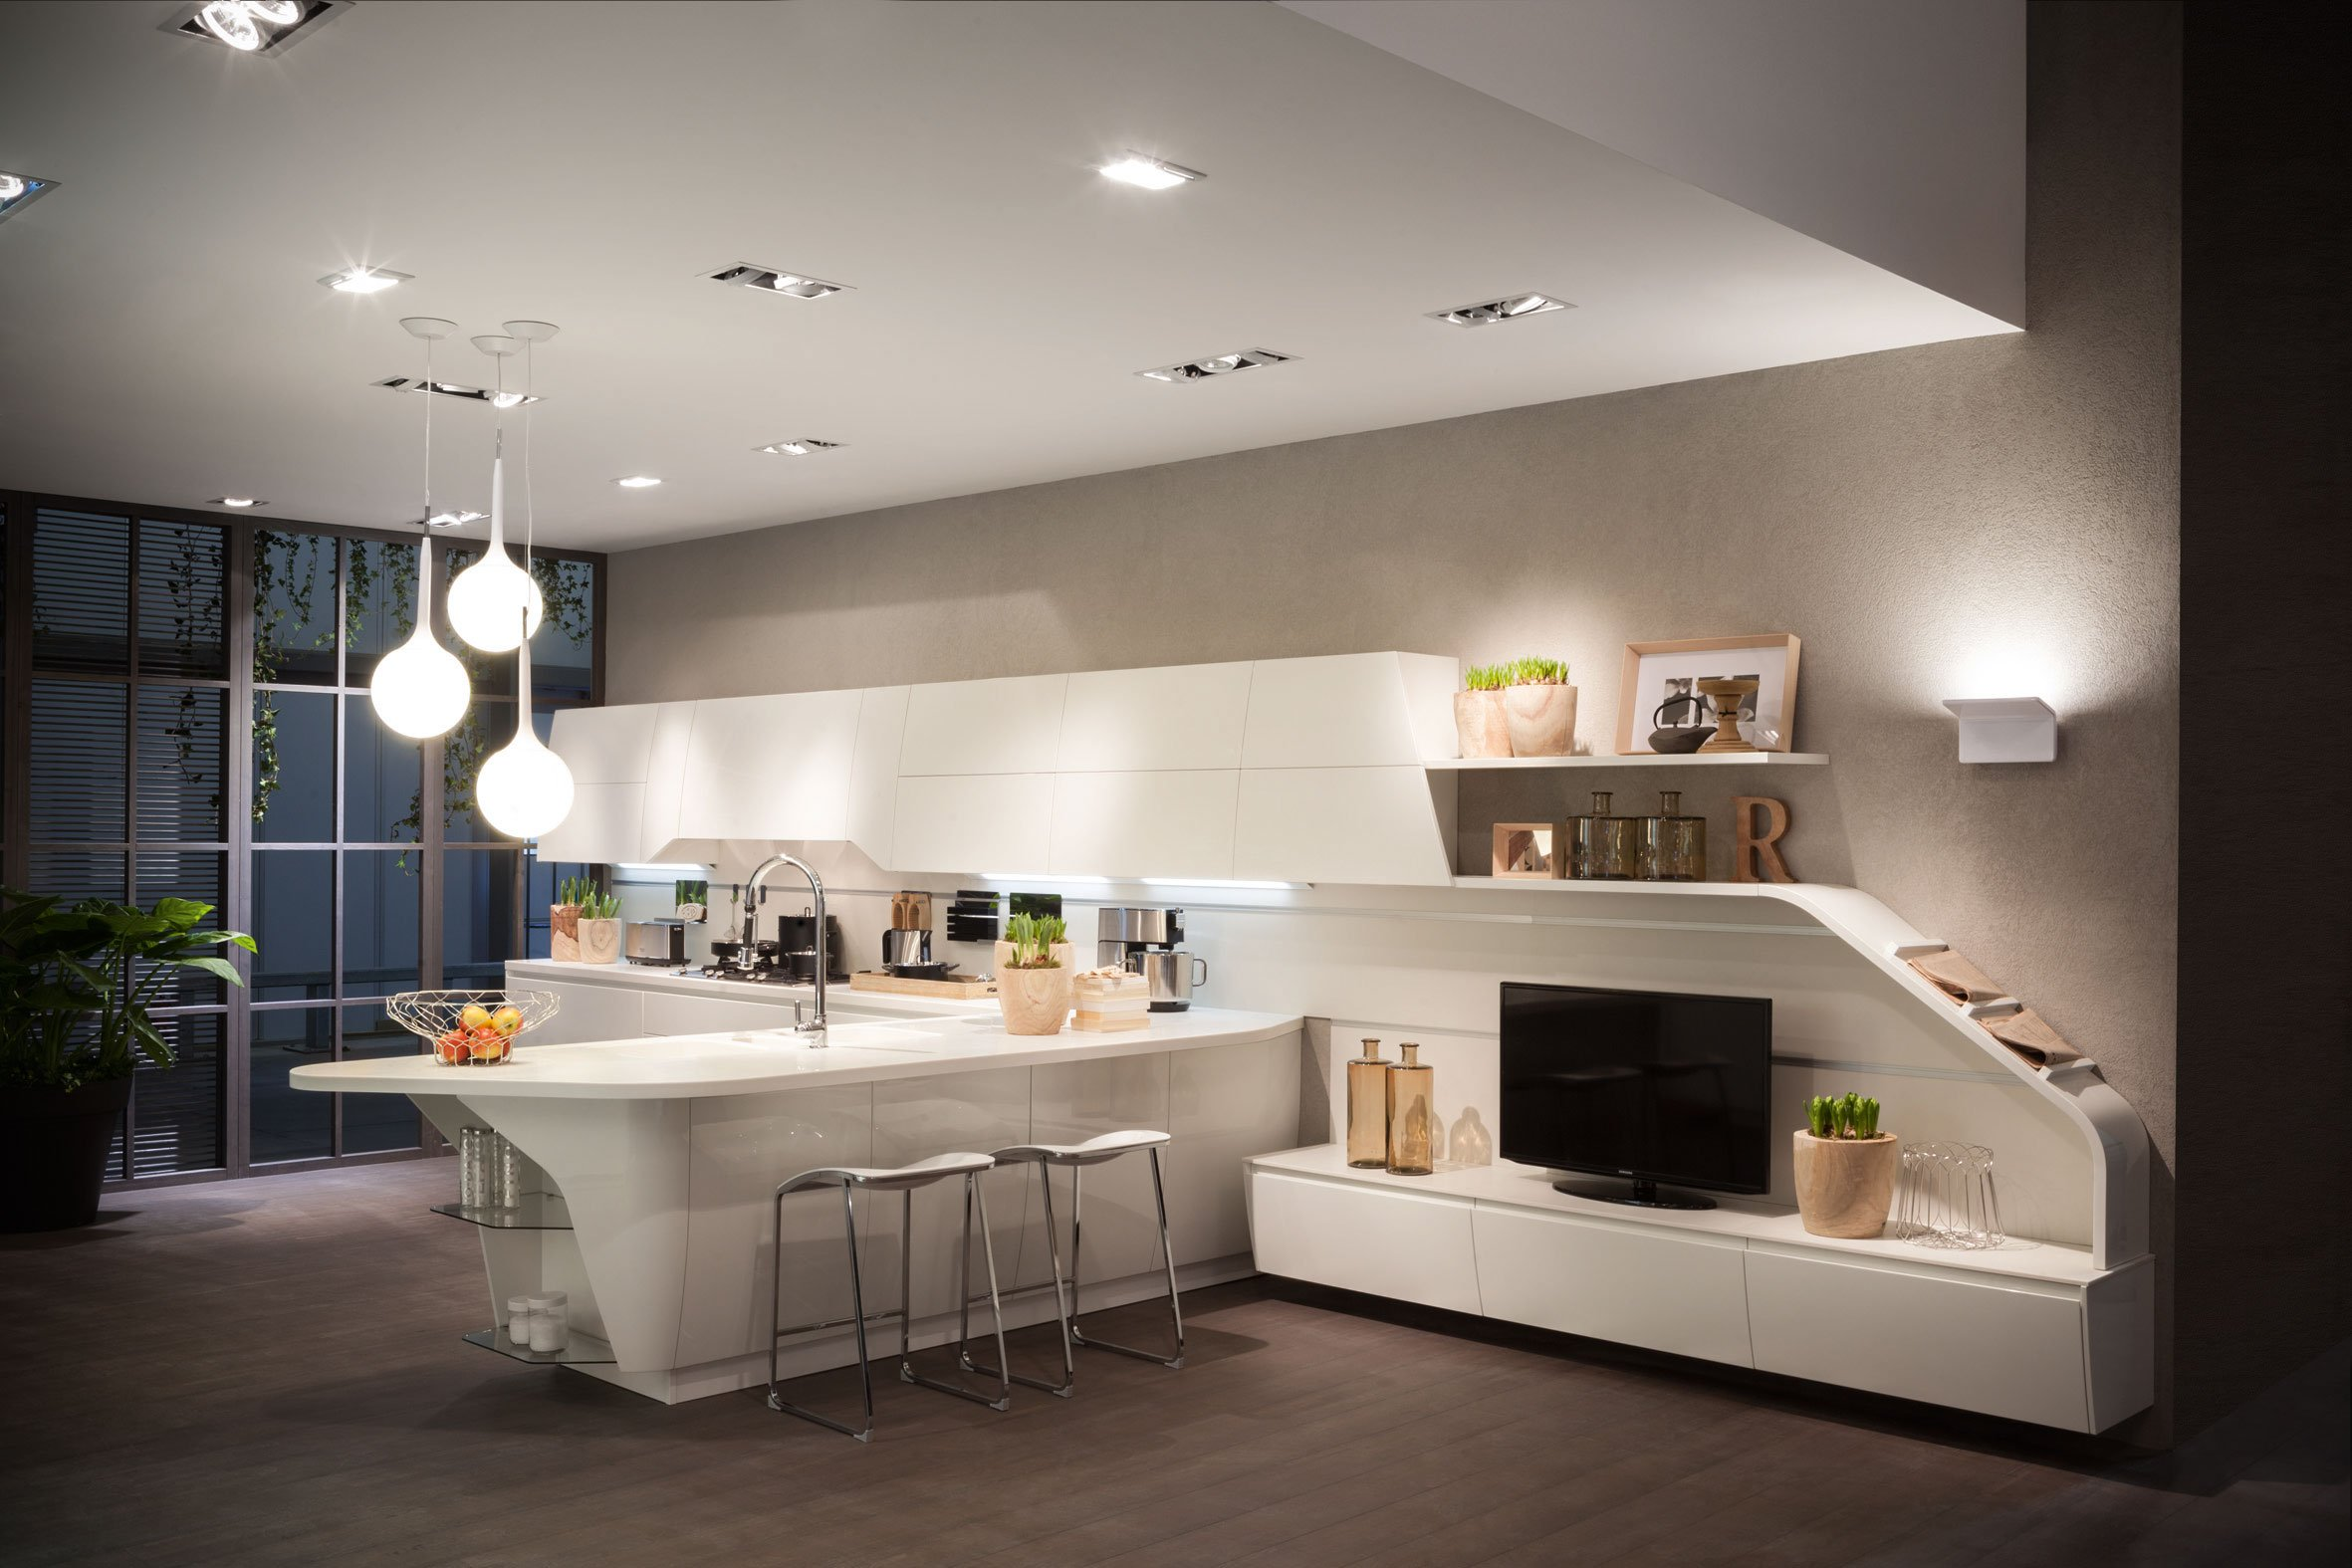 Cucina e soggiorno: un unico ambiente - Cose di Casa